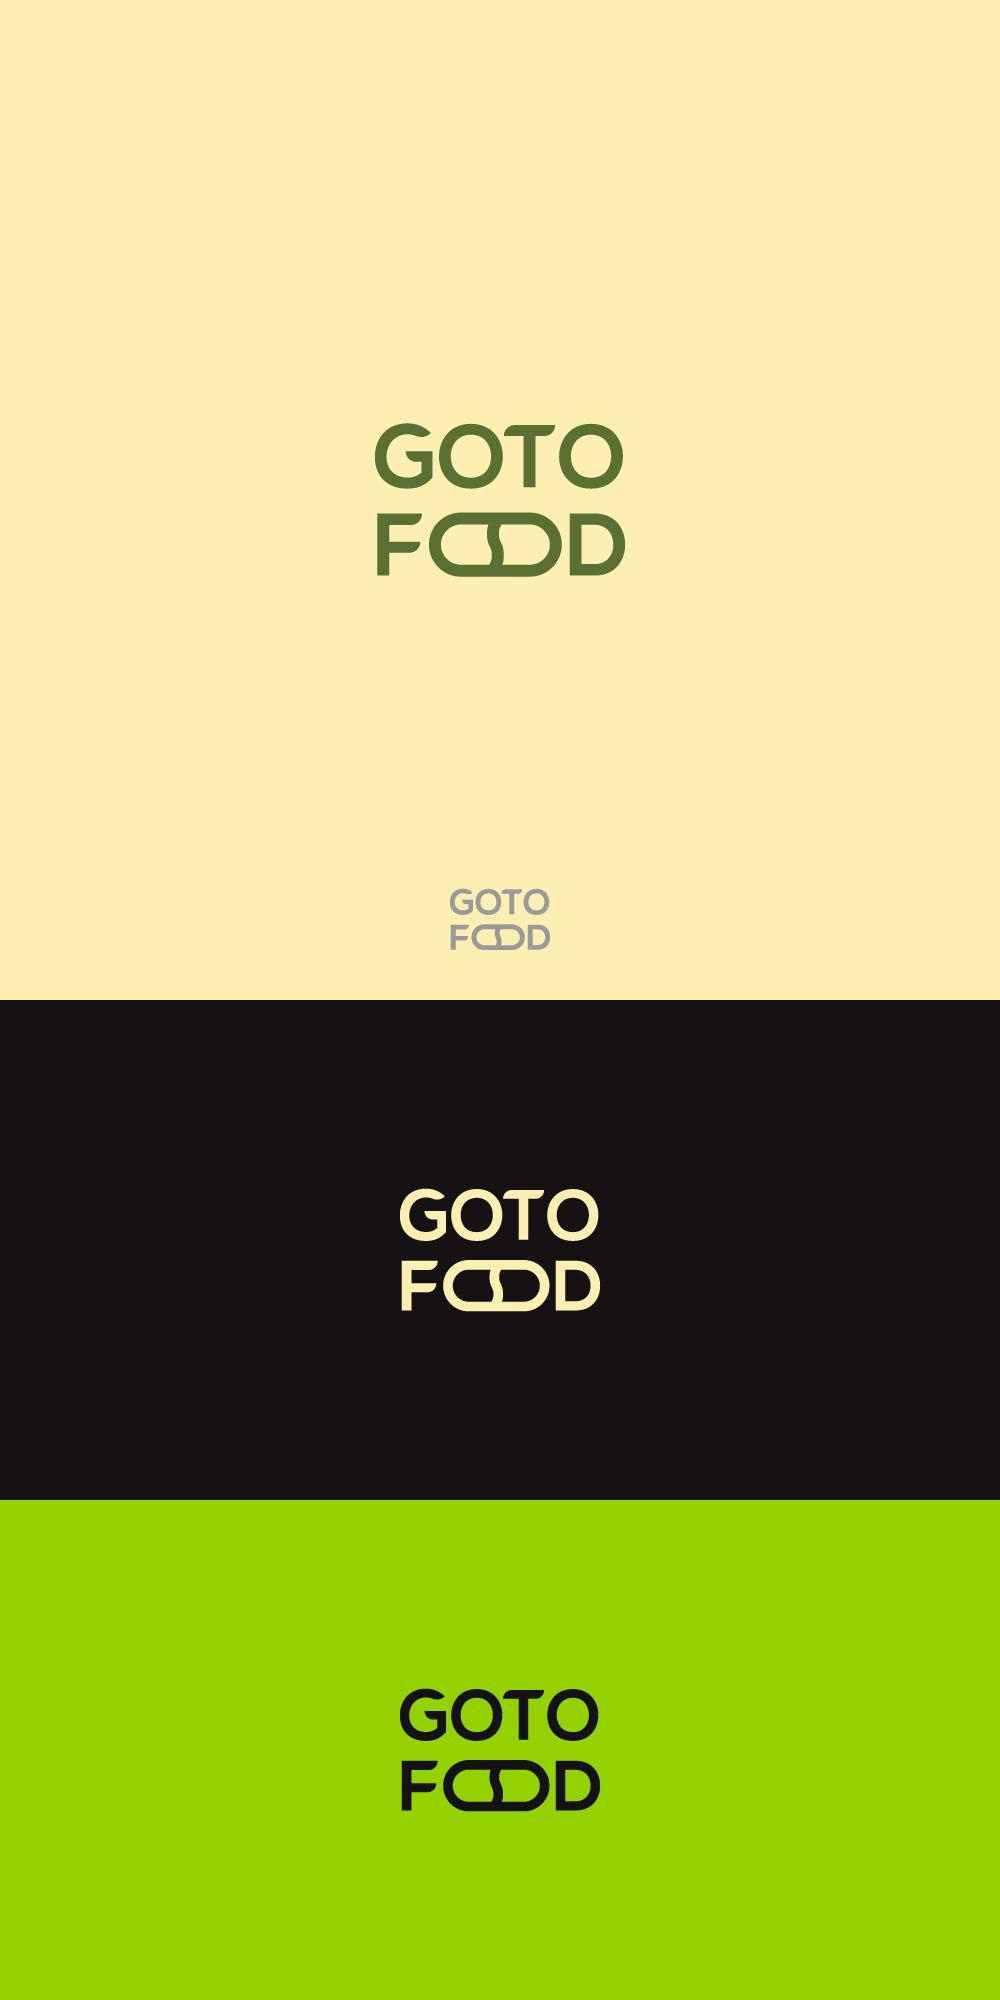 Логотип интернет-магазина здоровой еды фото f_9805cd2d6e9c550d.jpg